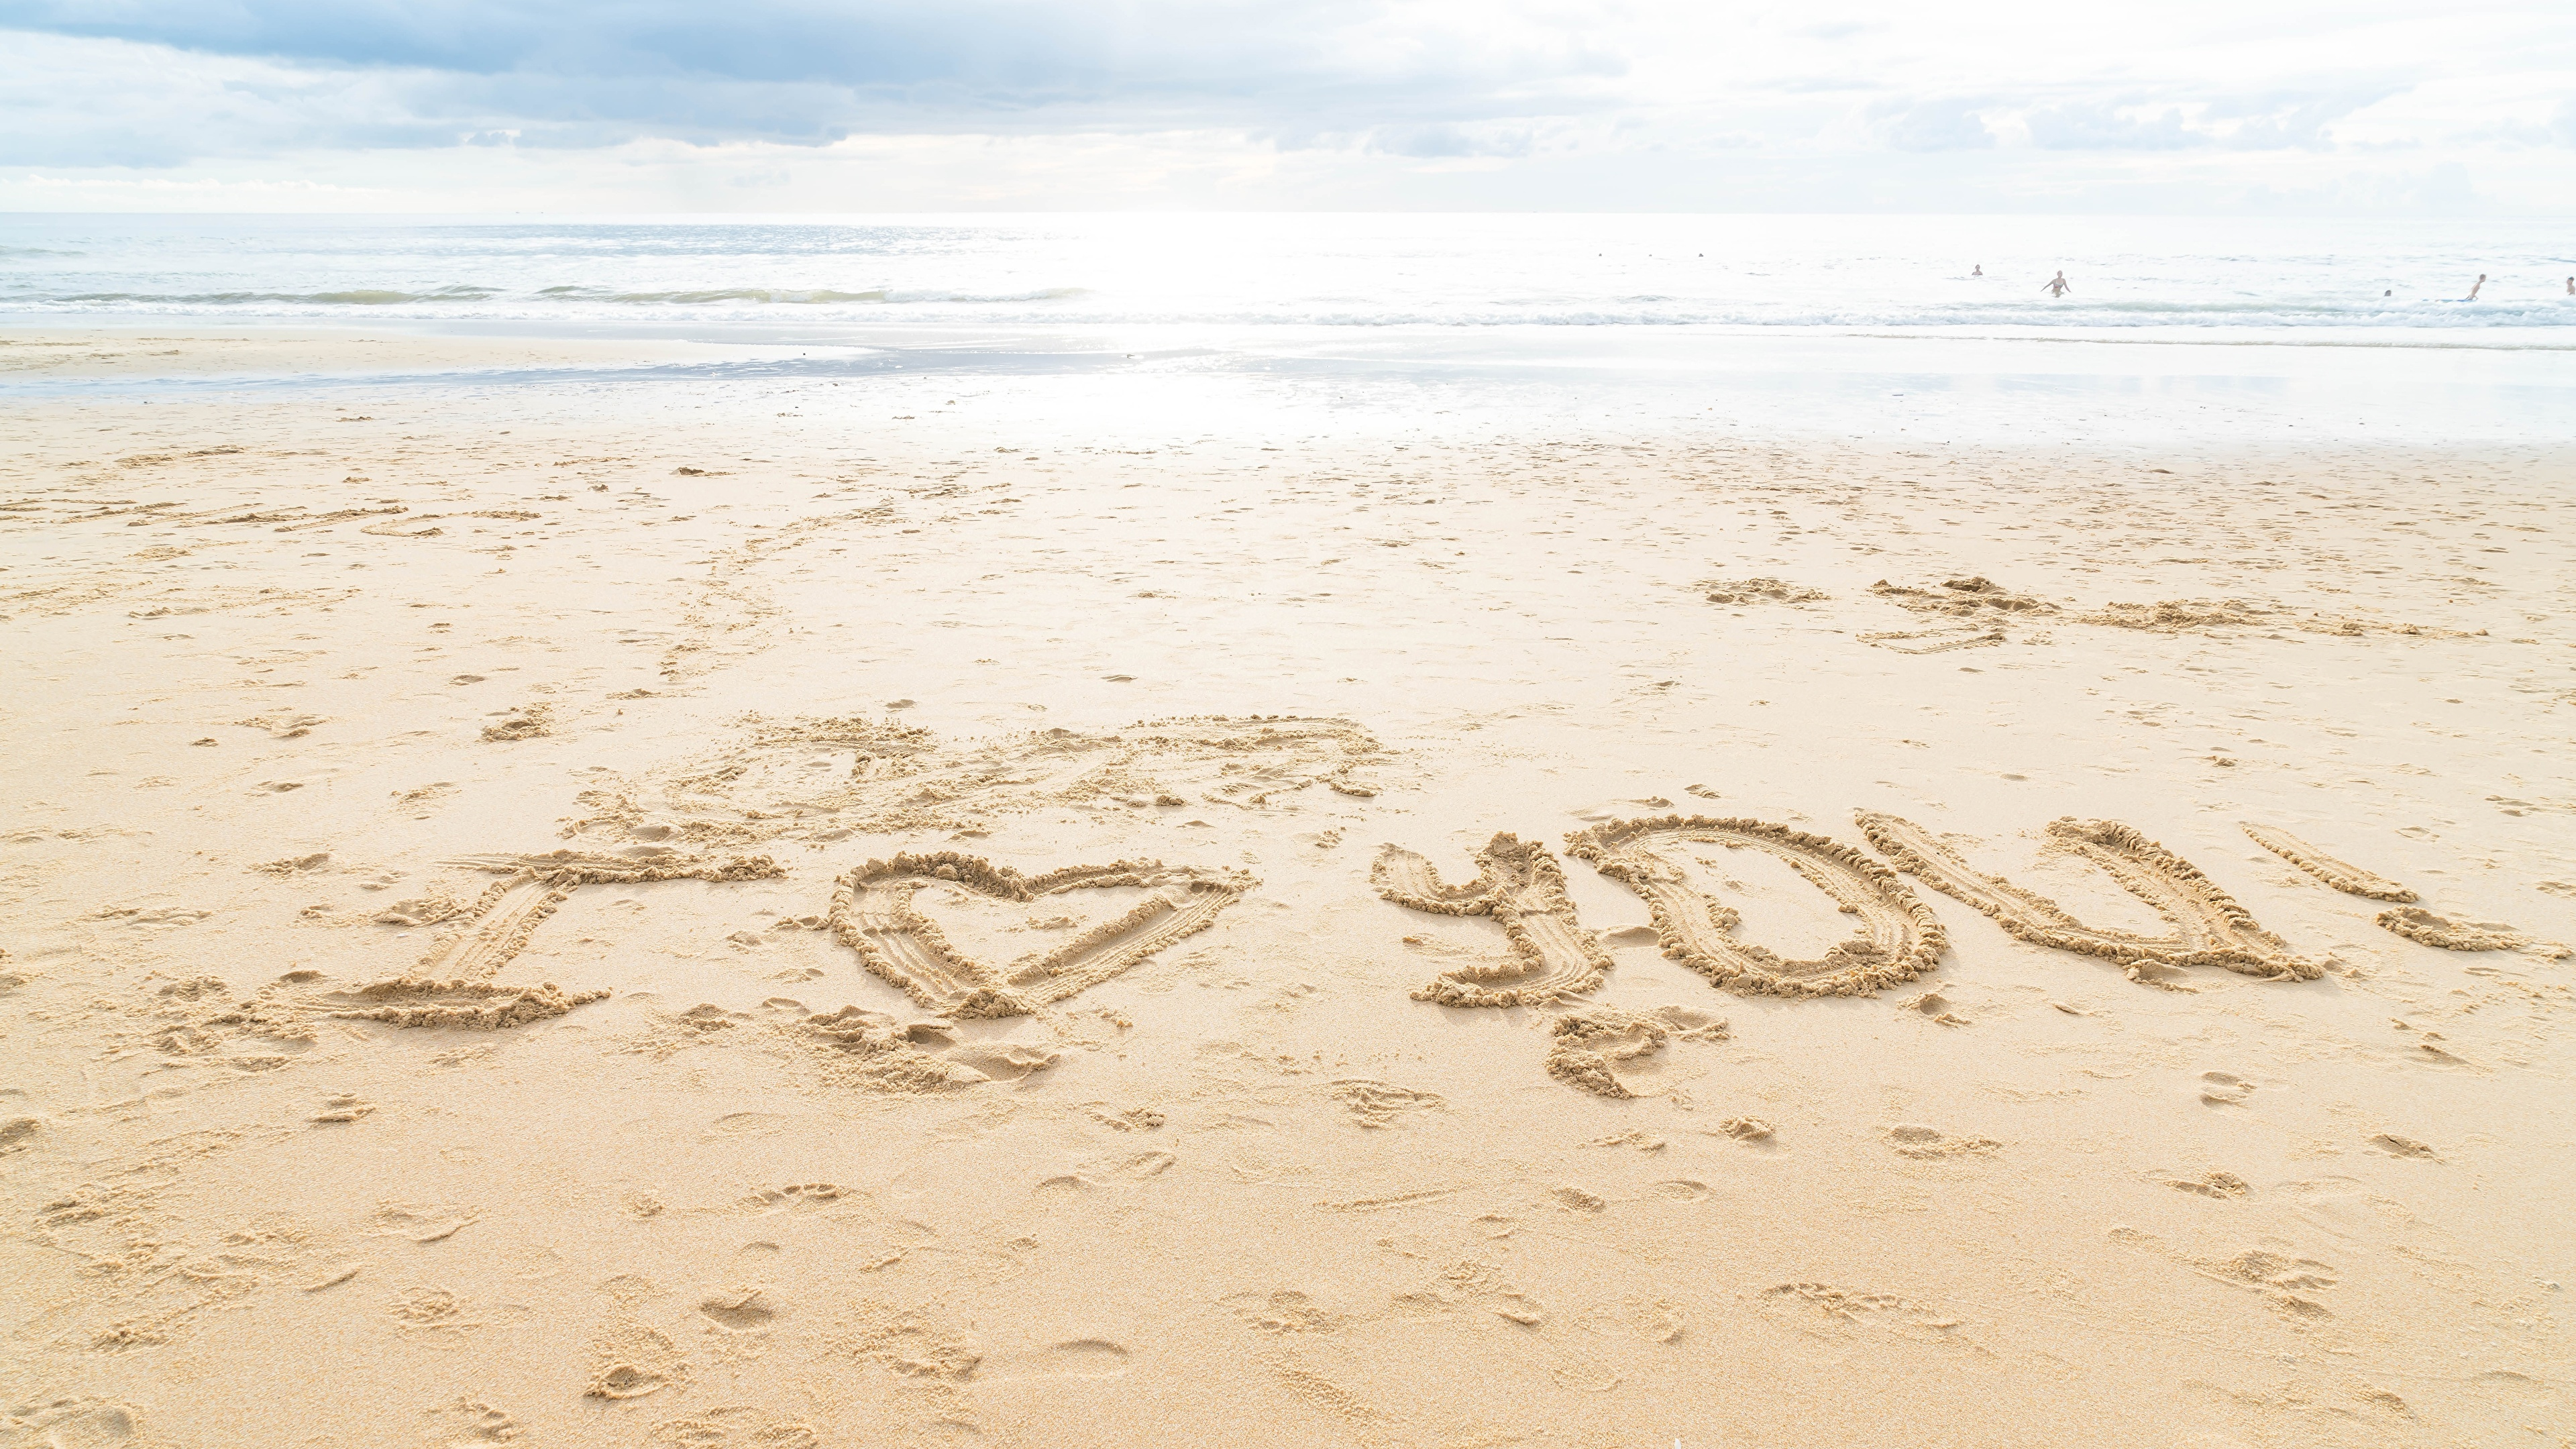 壁紙 3840x2160 海 I Love You 砂 ビーチ 英語 単語 自然